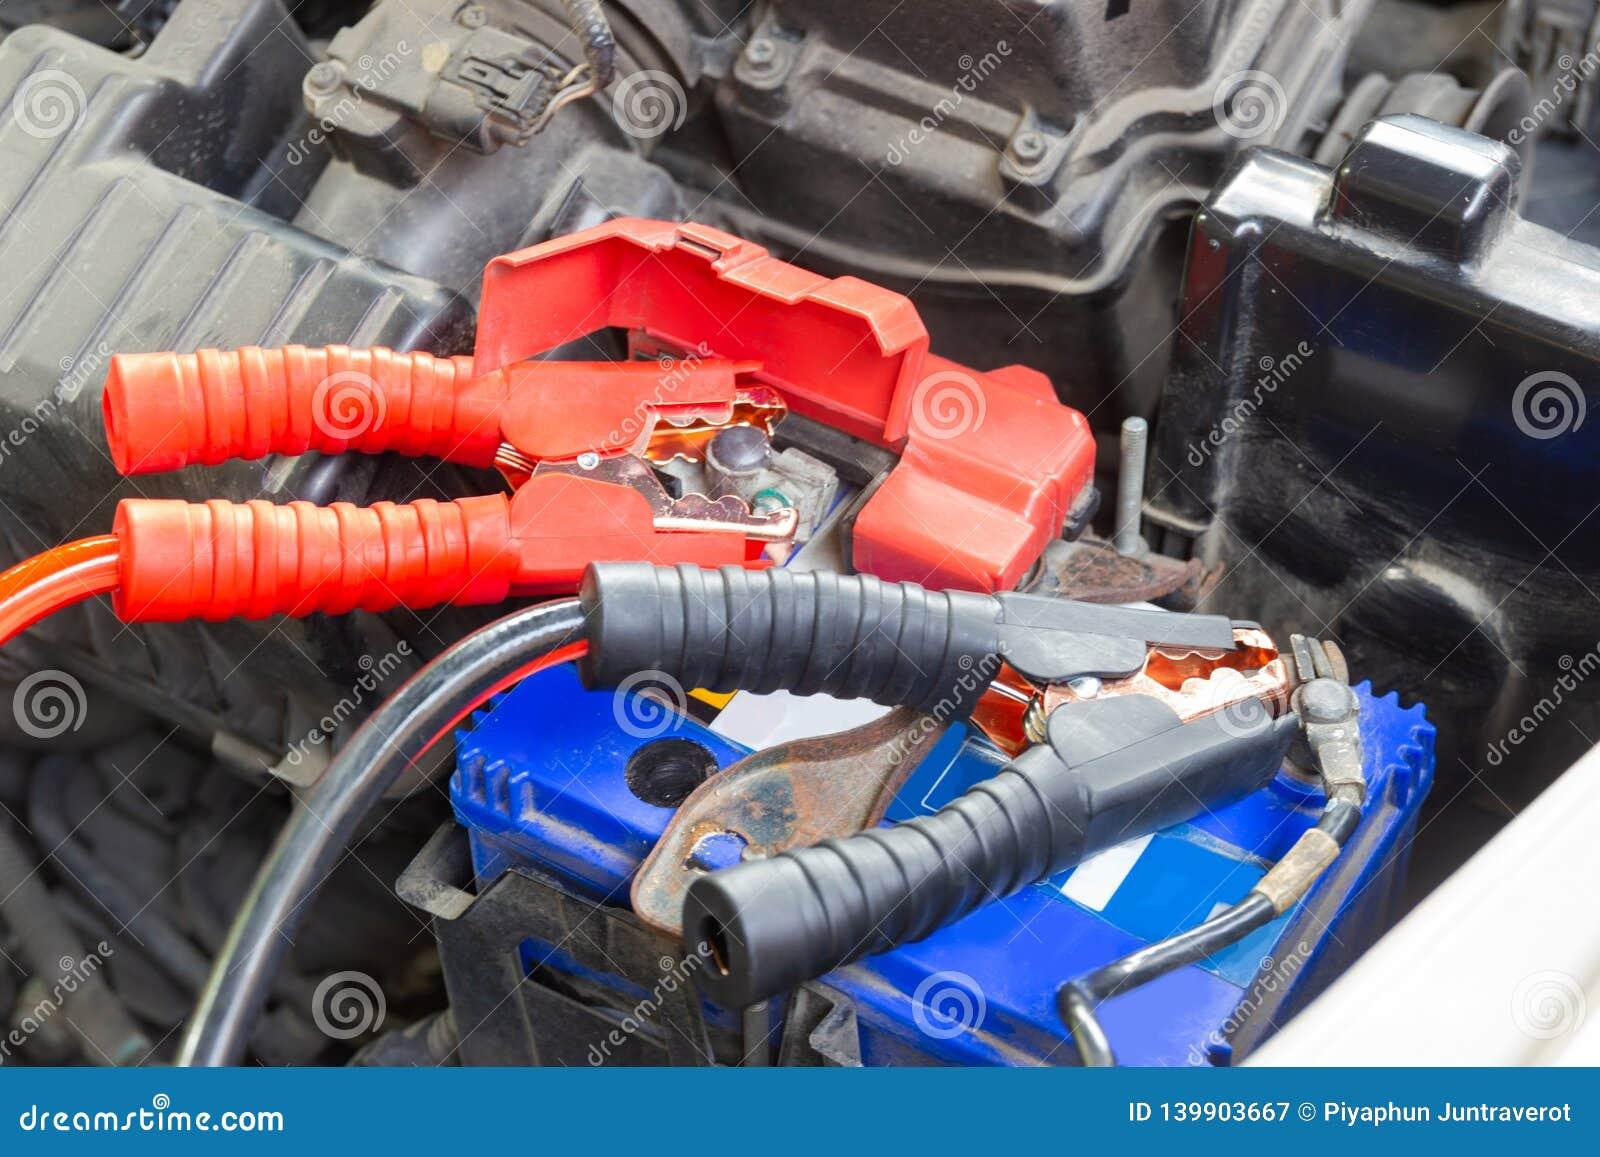 Τα καλώδια αλτών για τη φόρτιση της μπαταρίας οχημάτων προσδιορίζουν τα θετικά και αρνητικά τερματικά